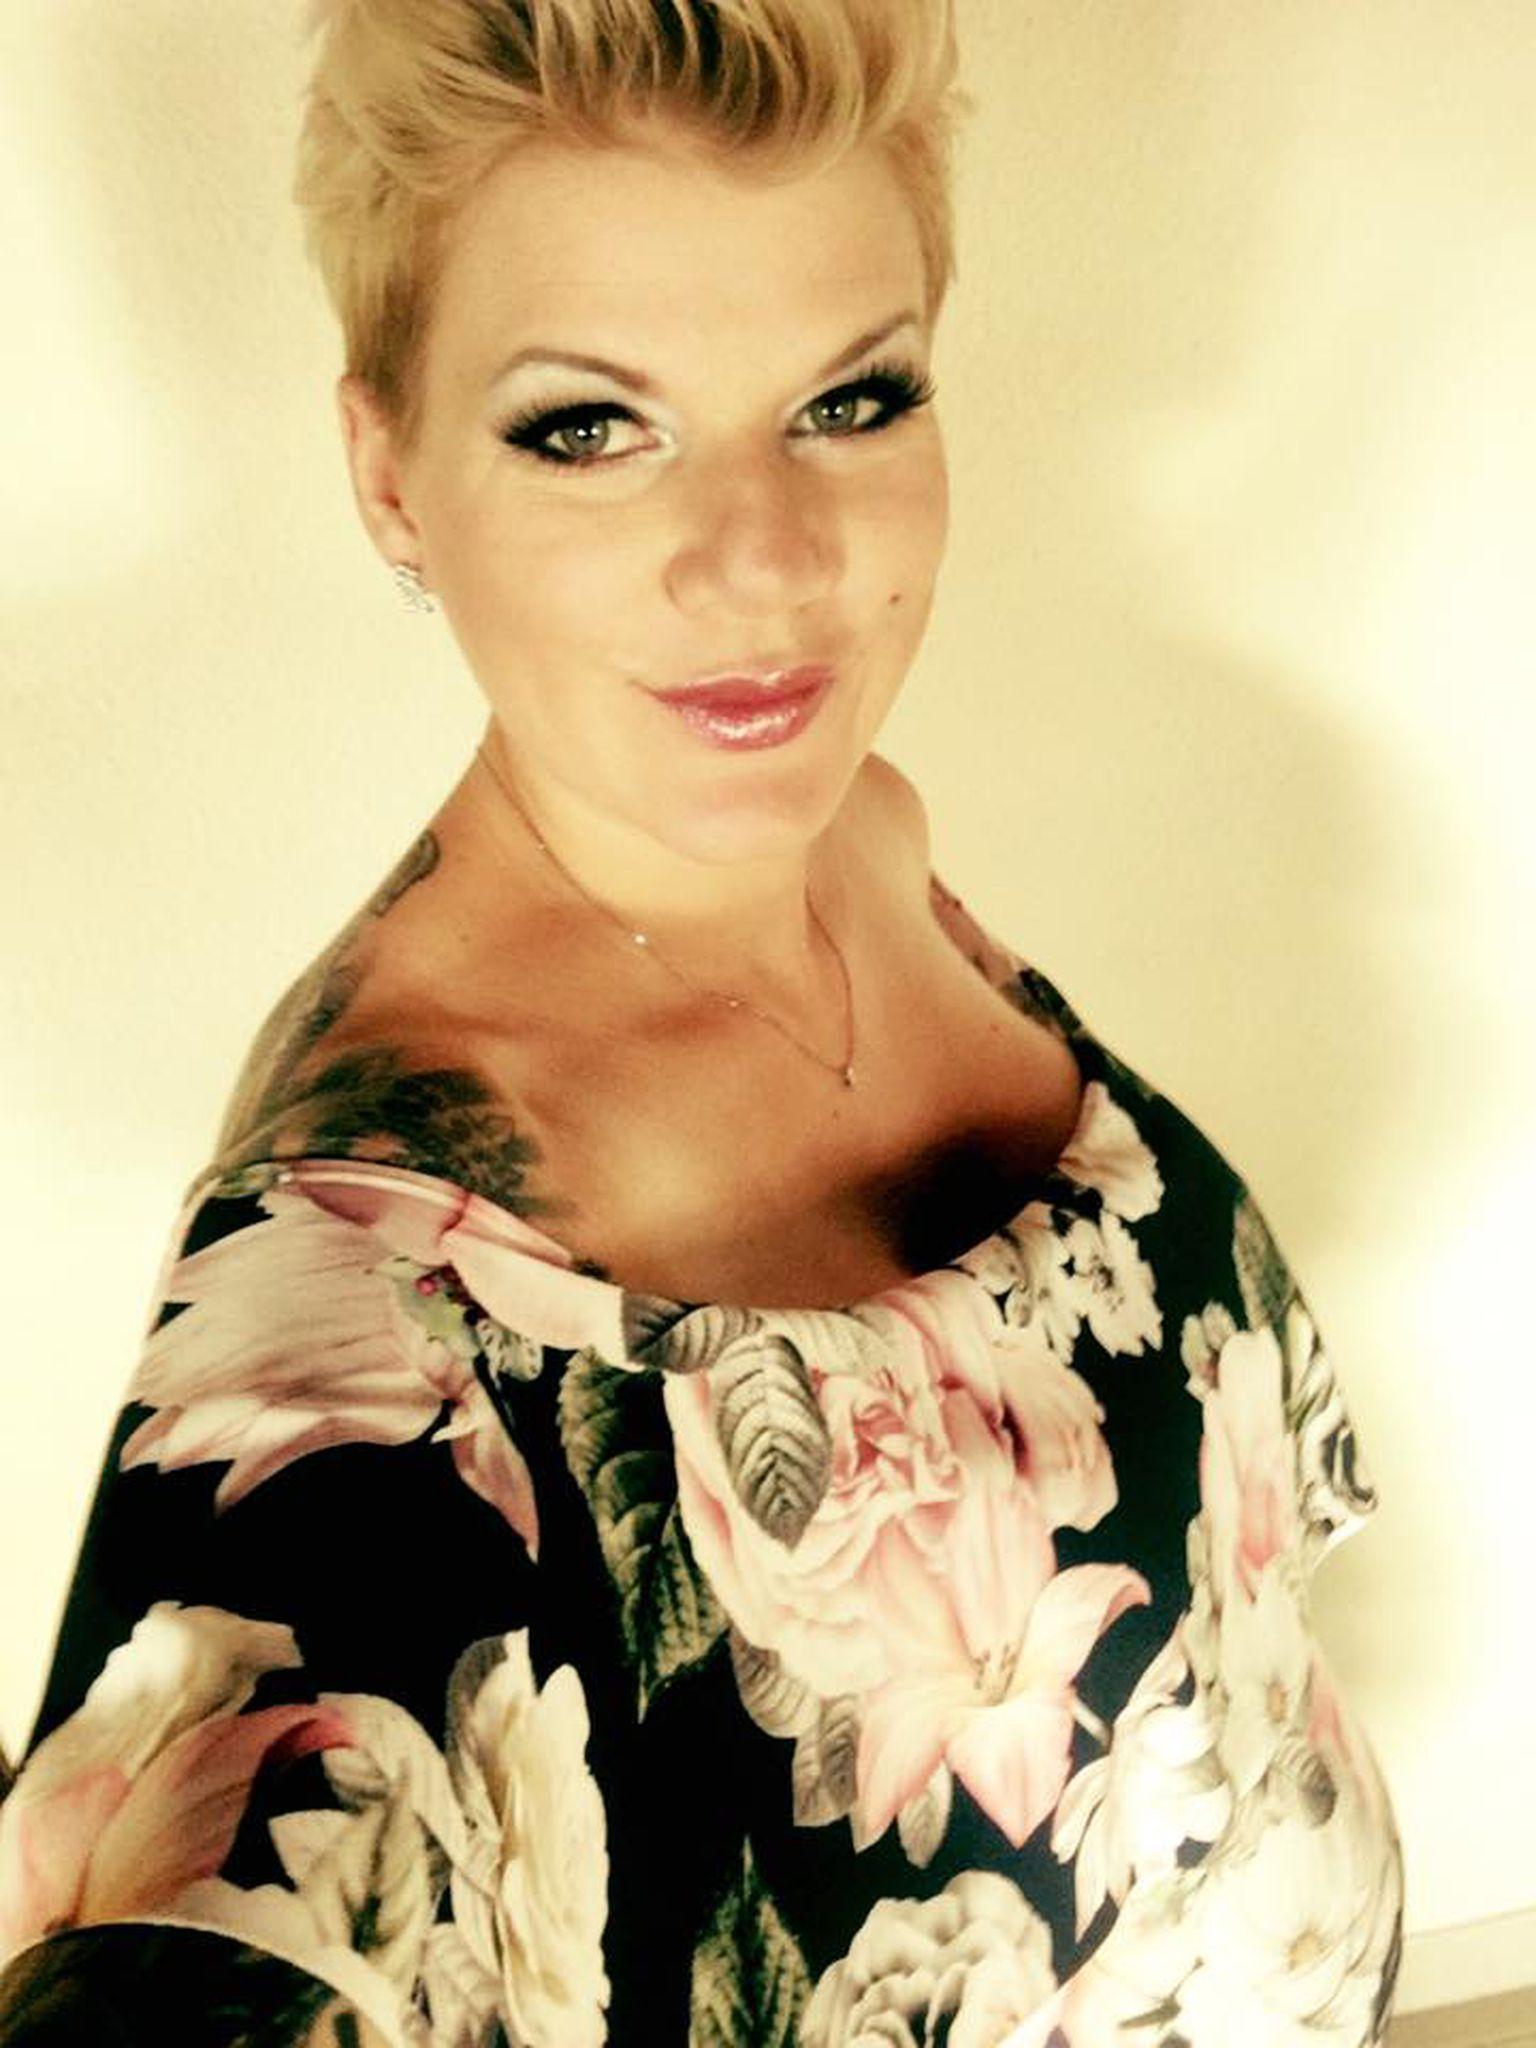 Hot Yvonne Woelke nudes (62 photos), Ass, Hot, Boobs, bra 2015